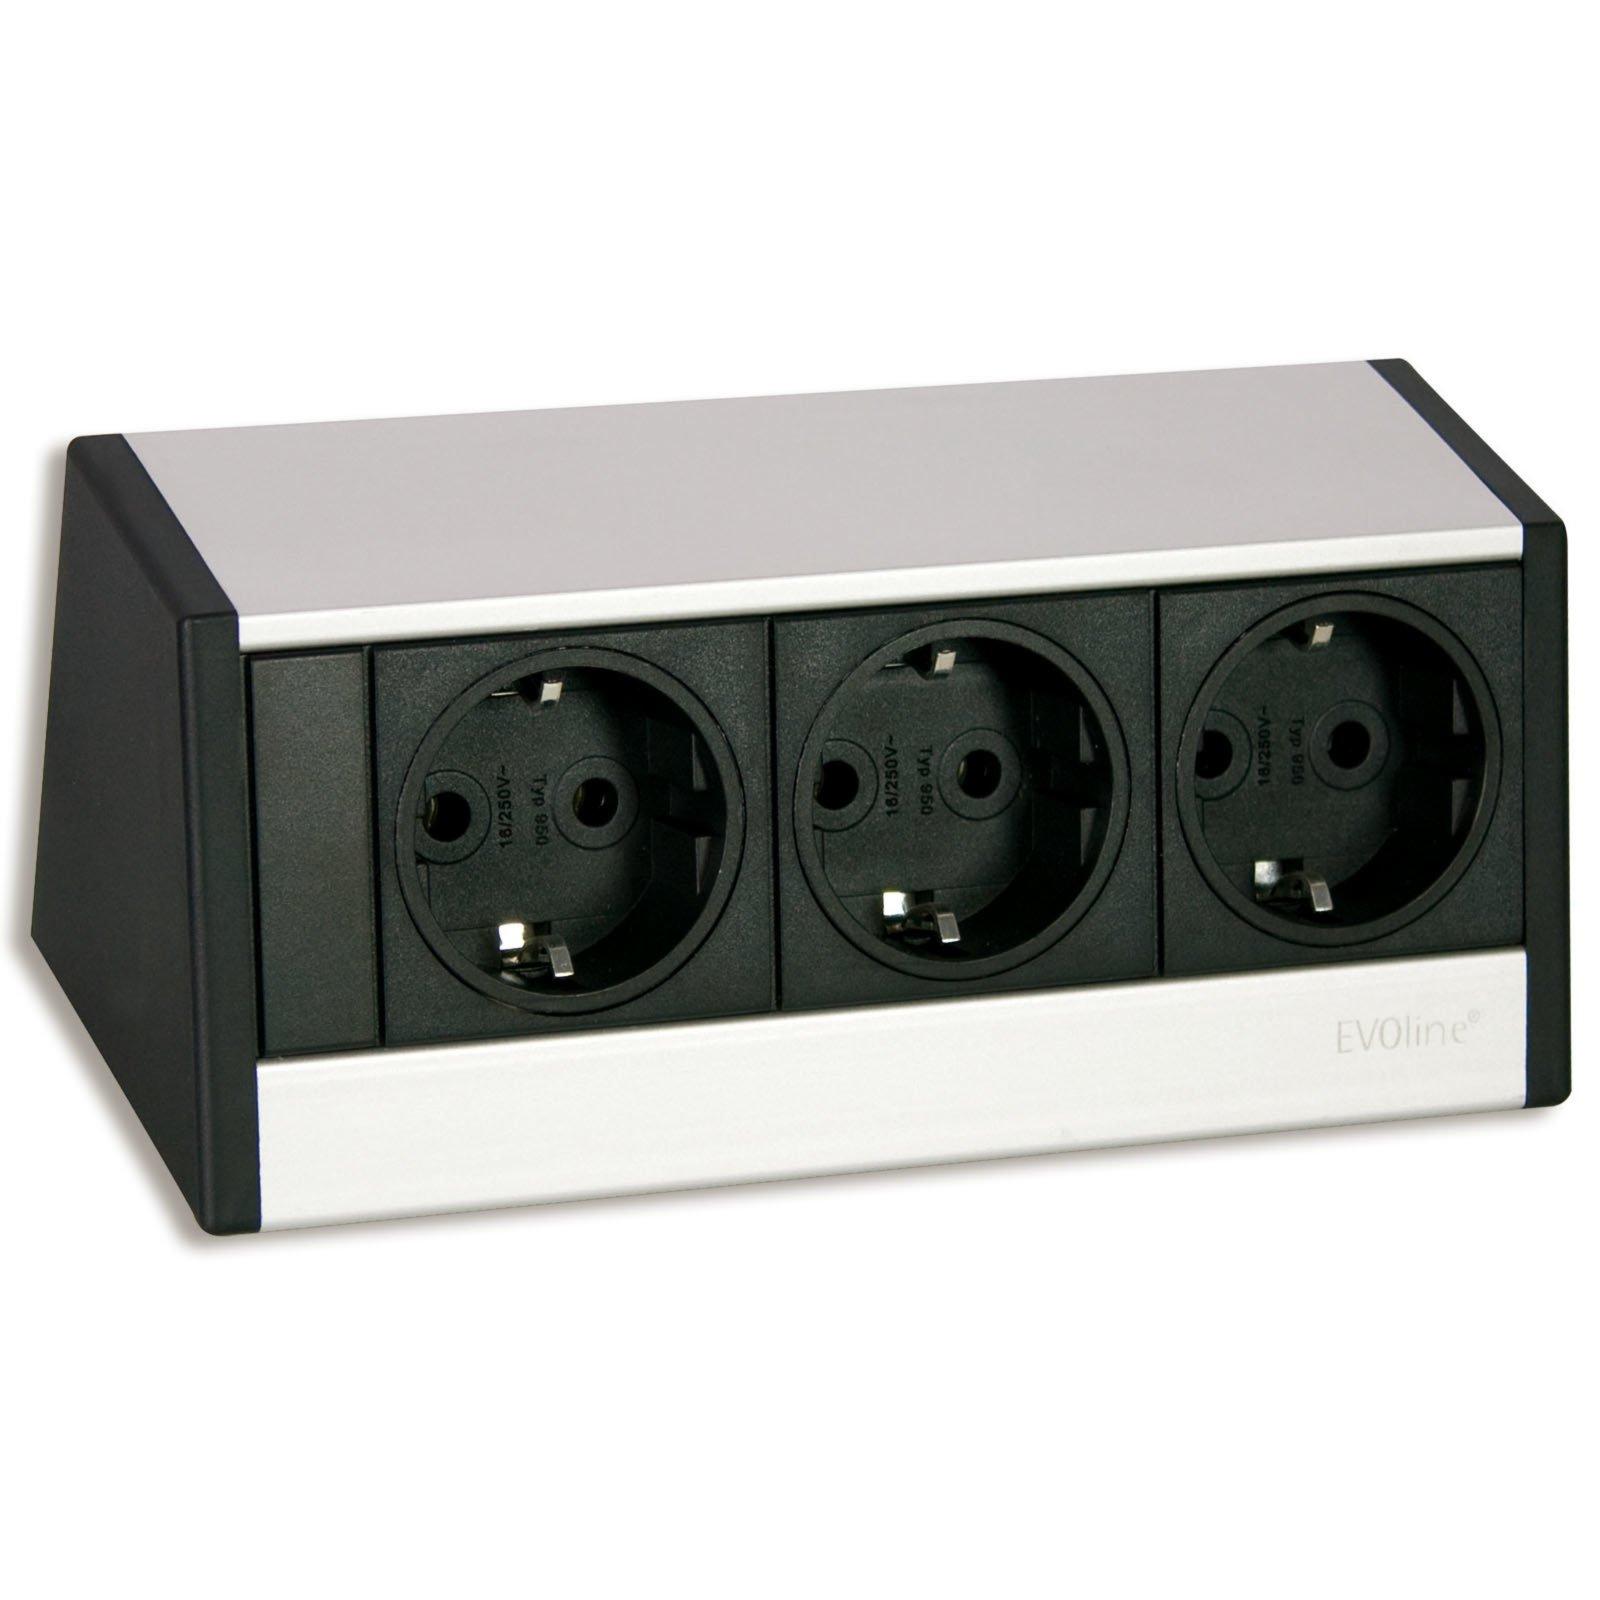 3 fach steckdosen element evo schwarz silber. Black Bedroom Furniture Sets. Home Design Ideas